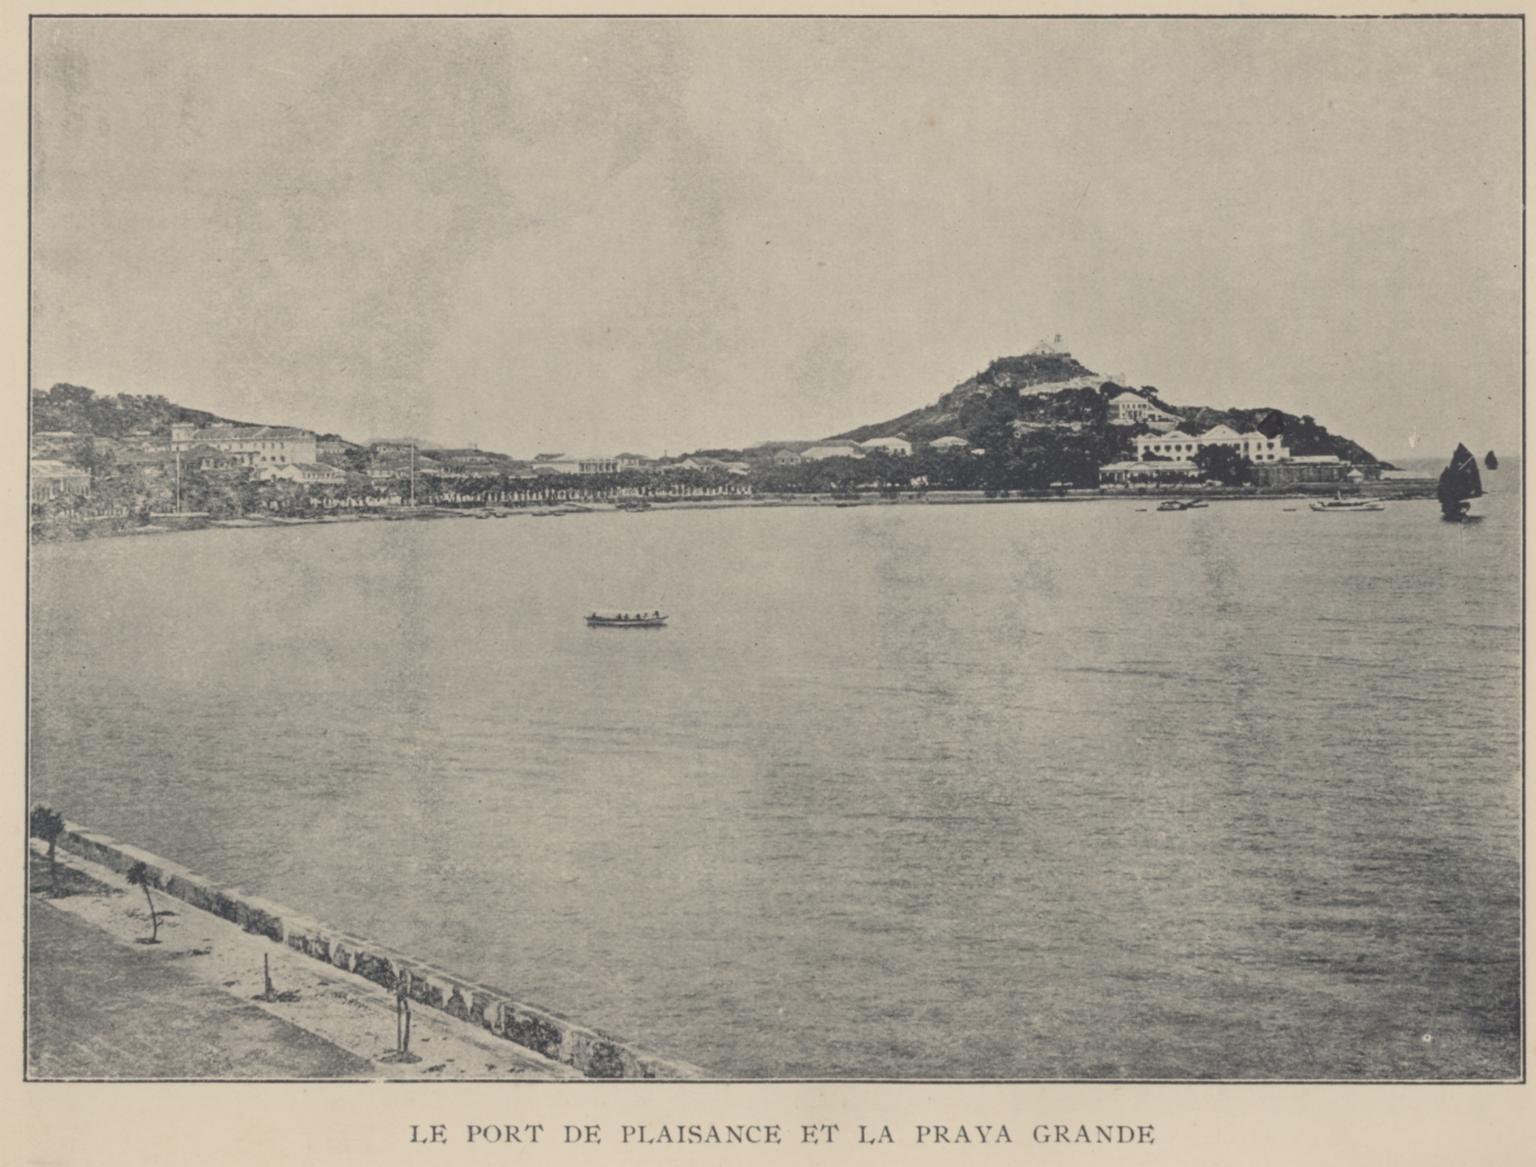 Le port de plaisance et la praya grande